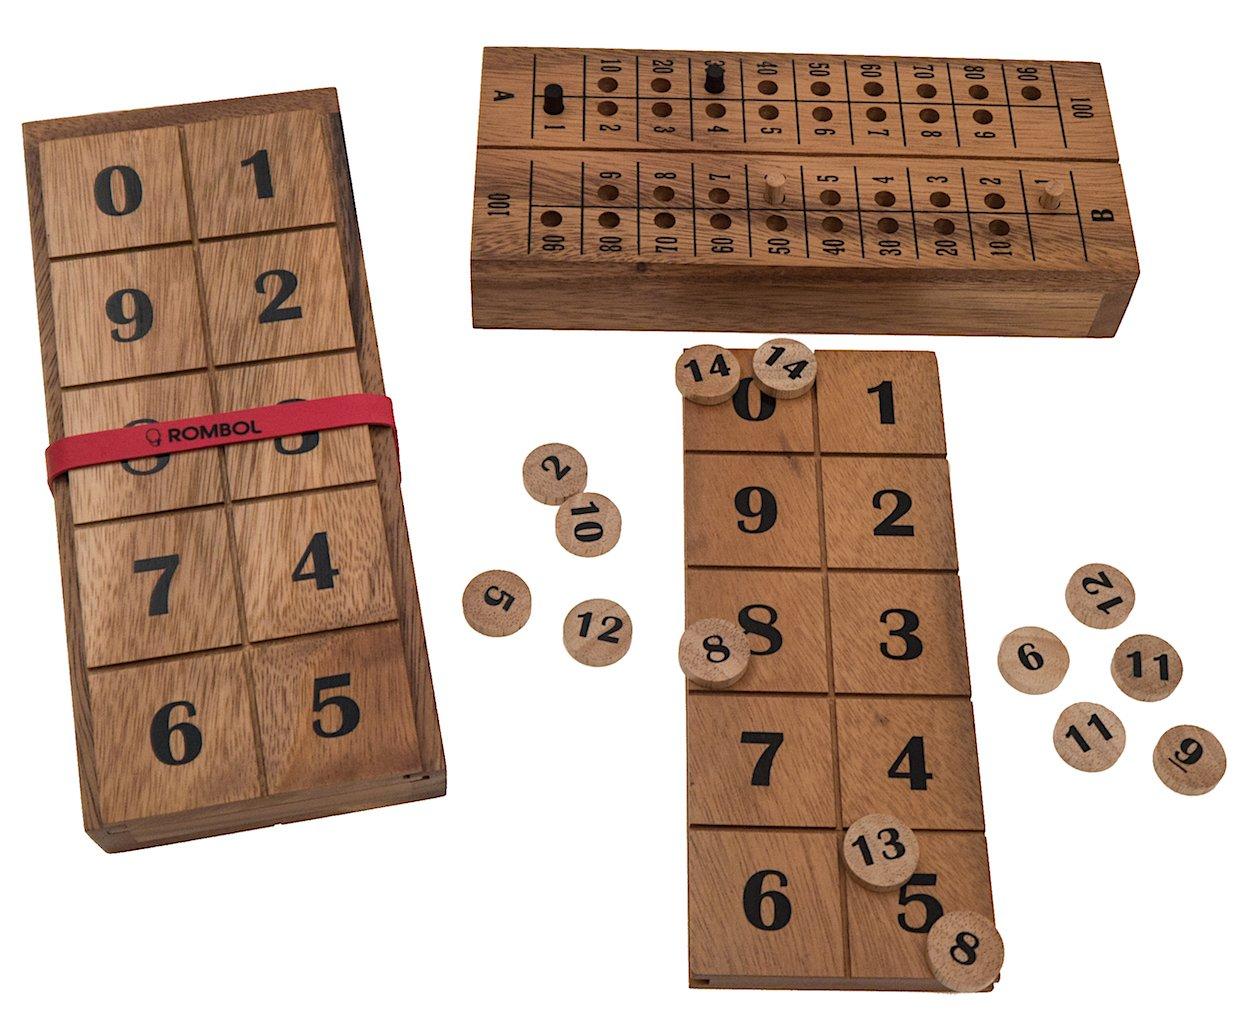 15', (Fred Horn, Niederlande, 2016), Gesellschaftsspiel für 2 Personen, Familienspiel, Brettspiel, Gesellschaftsspiel aus Holz